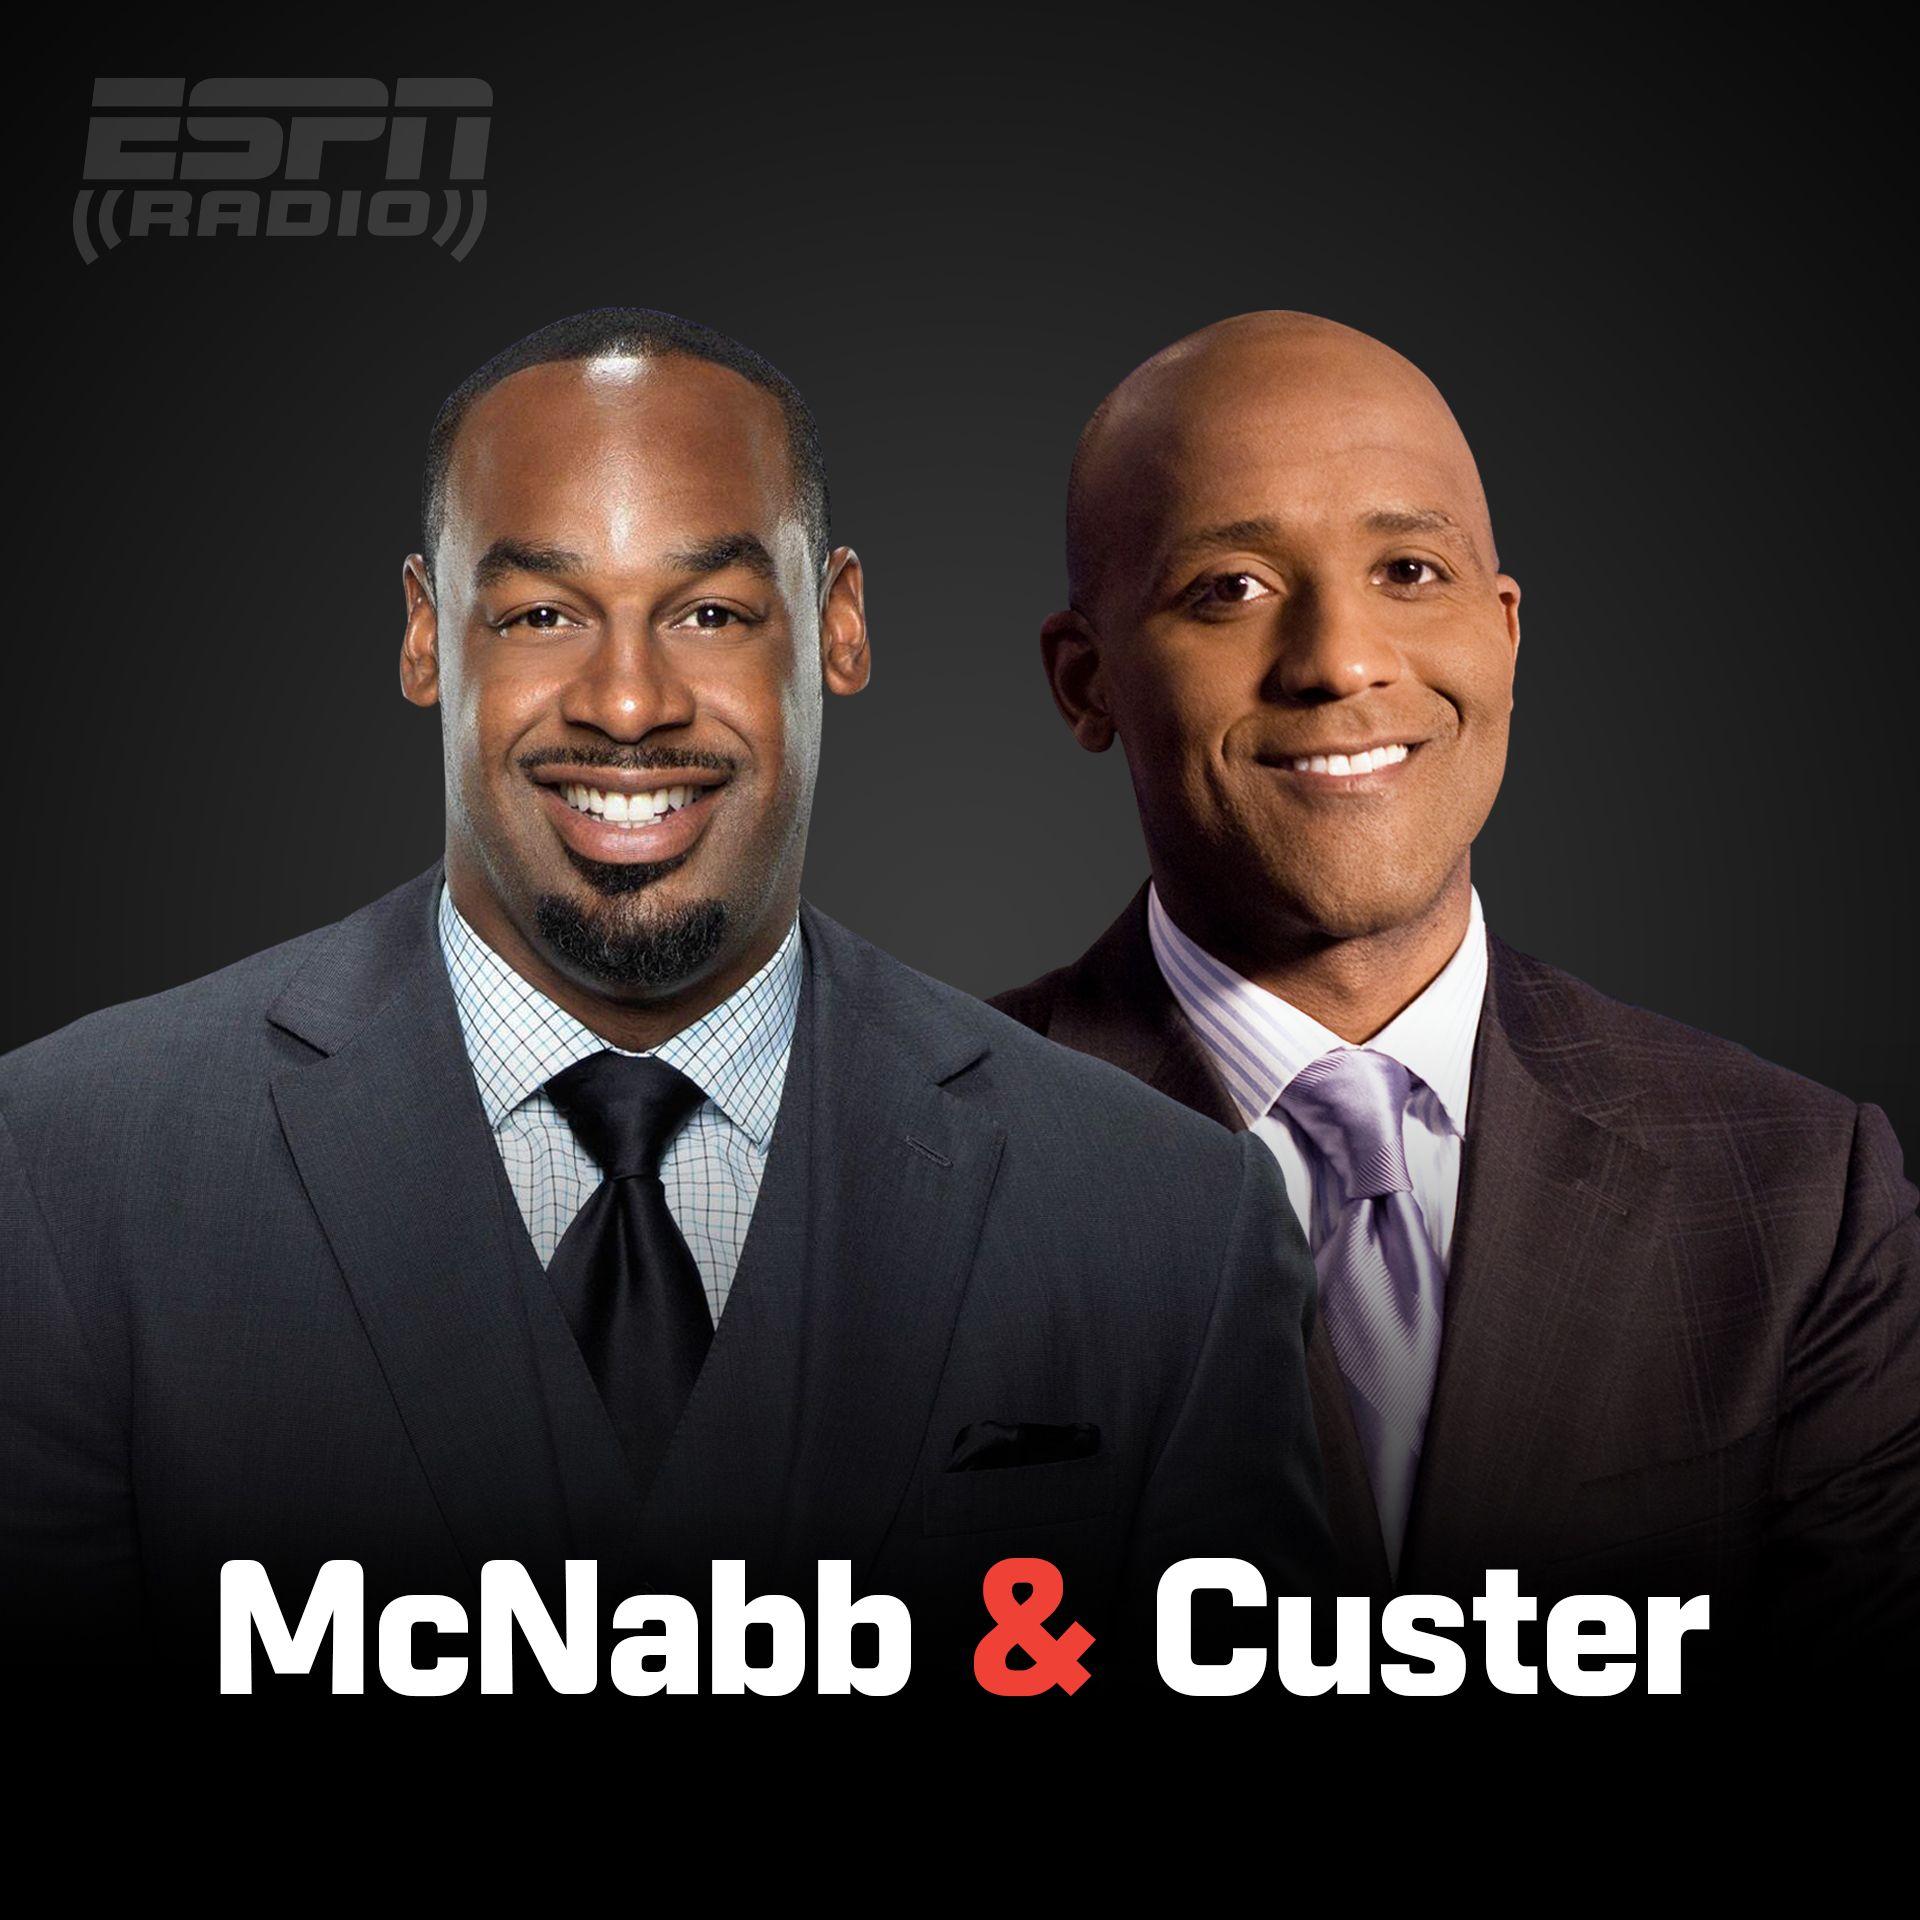 McNabb & Custer